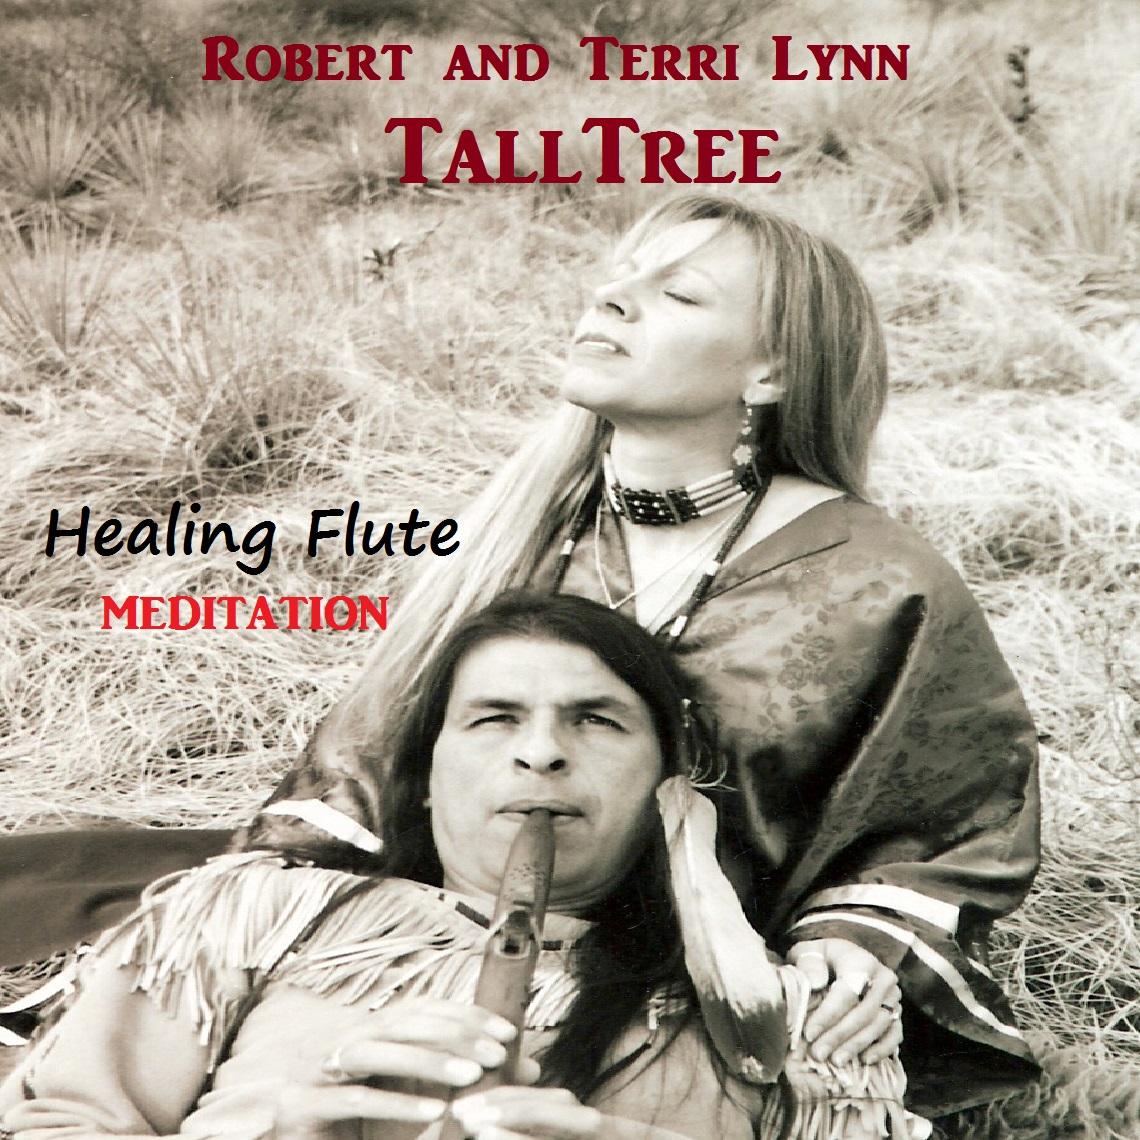 Healing_Flute_Meditation_Audio.jpg